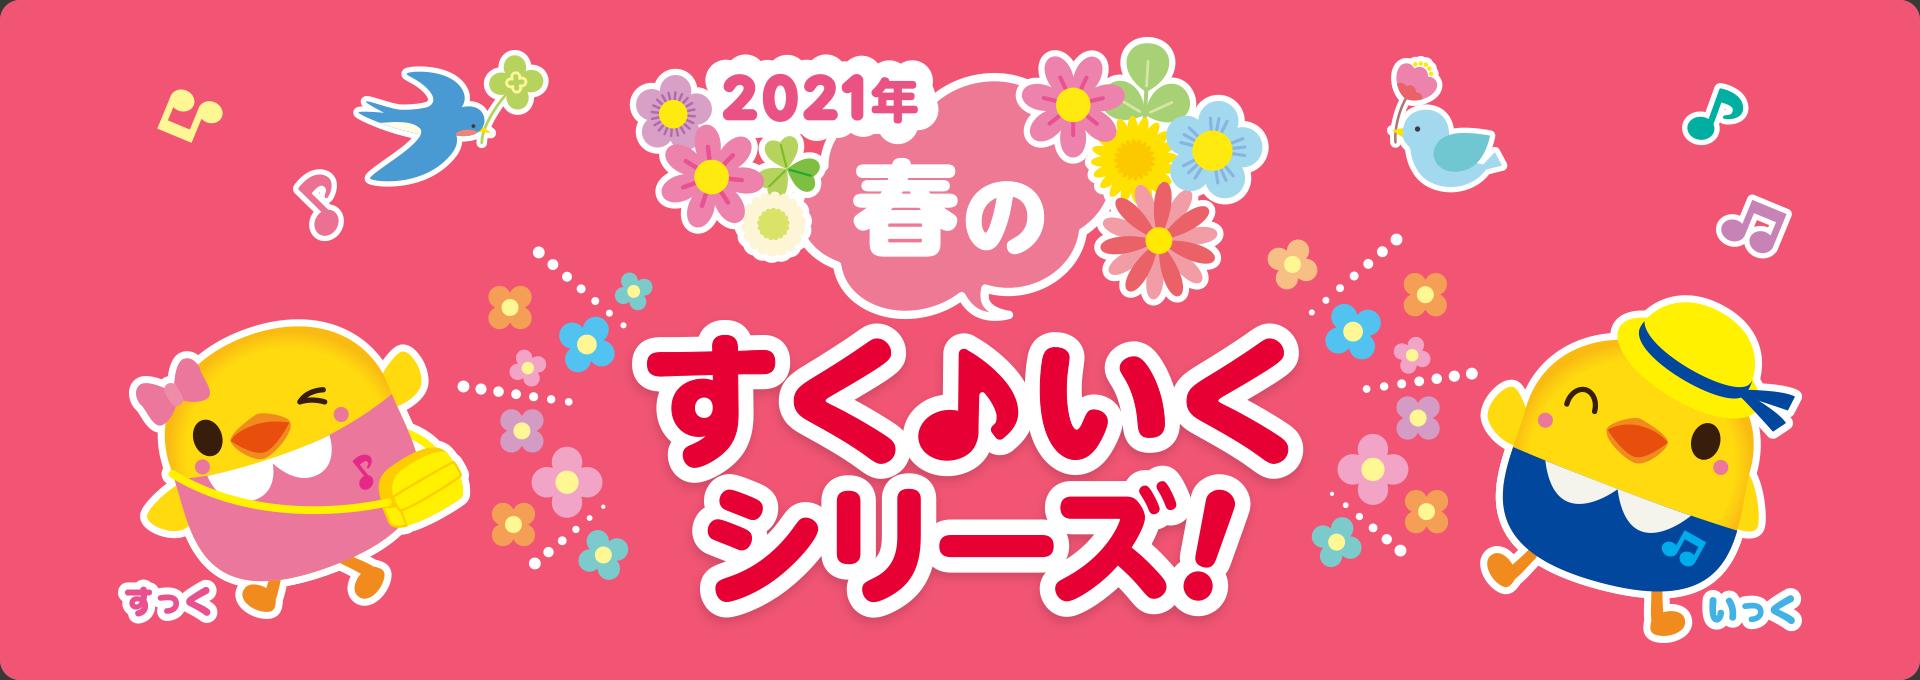 特集【2021年2月号】:春のすくいく6タイトル